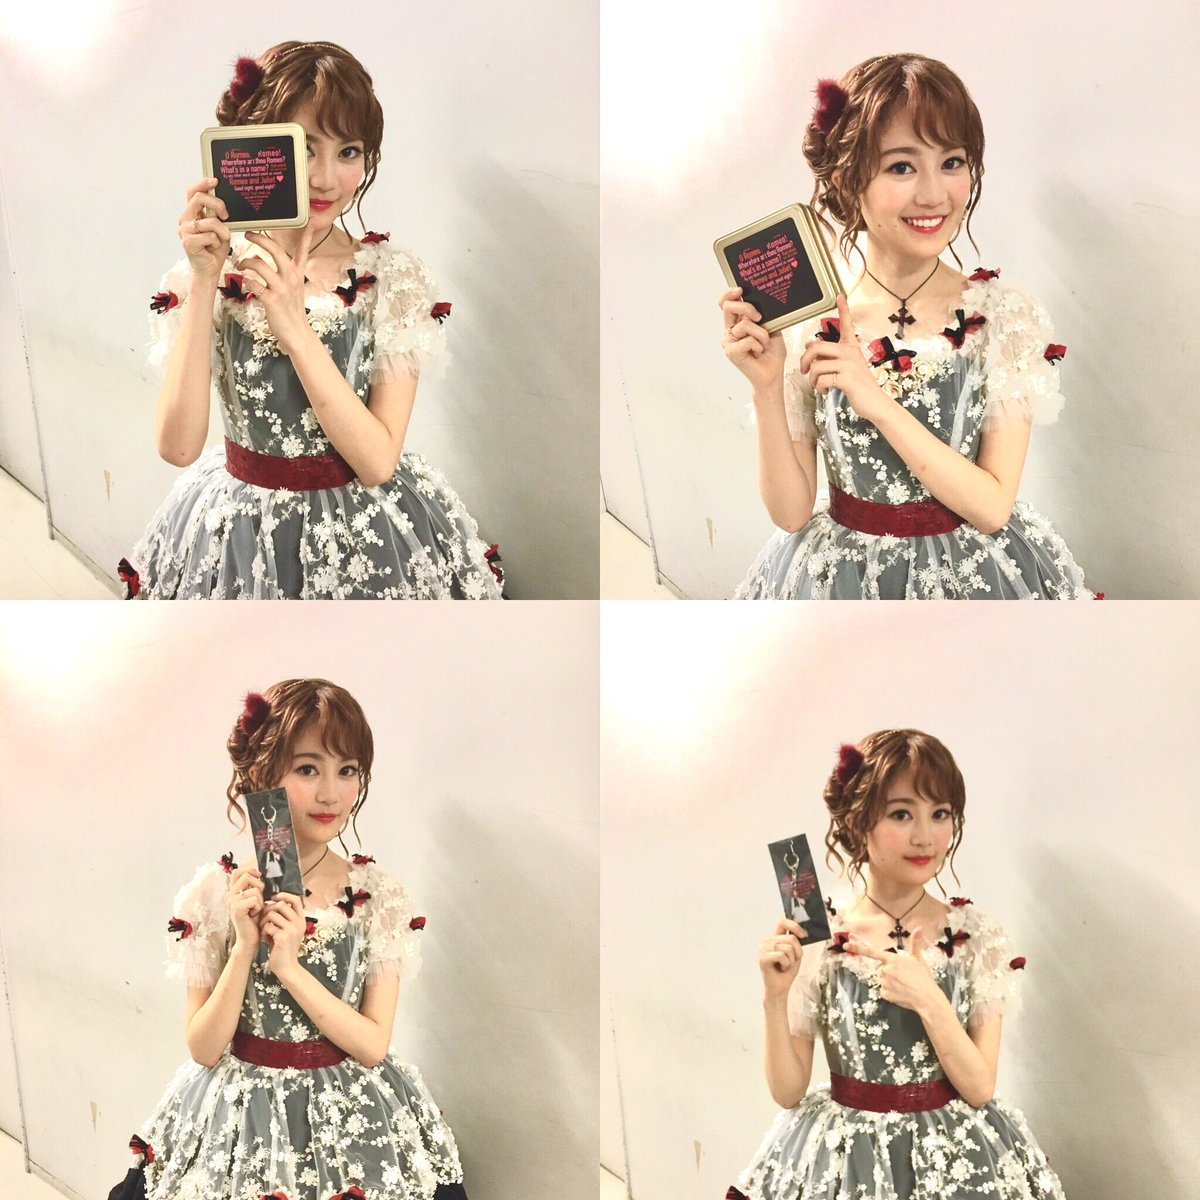 チョコレートからこんにちは♪舞踏会衣装の #生田絵梨花 さんをキャッチ!可愛すぎて連写してしまいました。 #ジュリエット #ロミジュリ https://t.co/2H4O5ecjmd